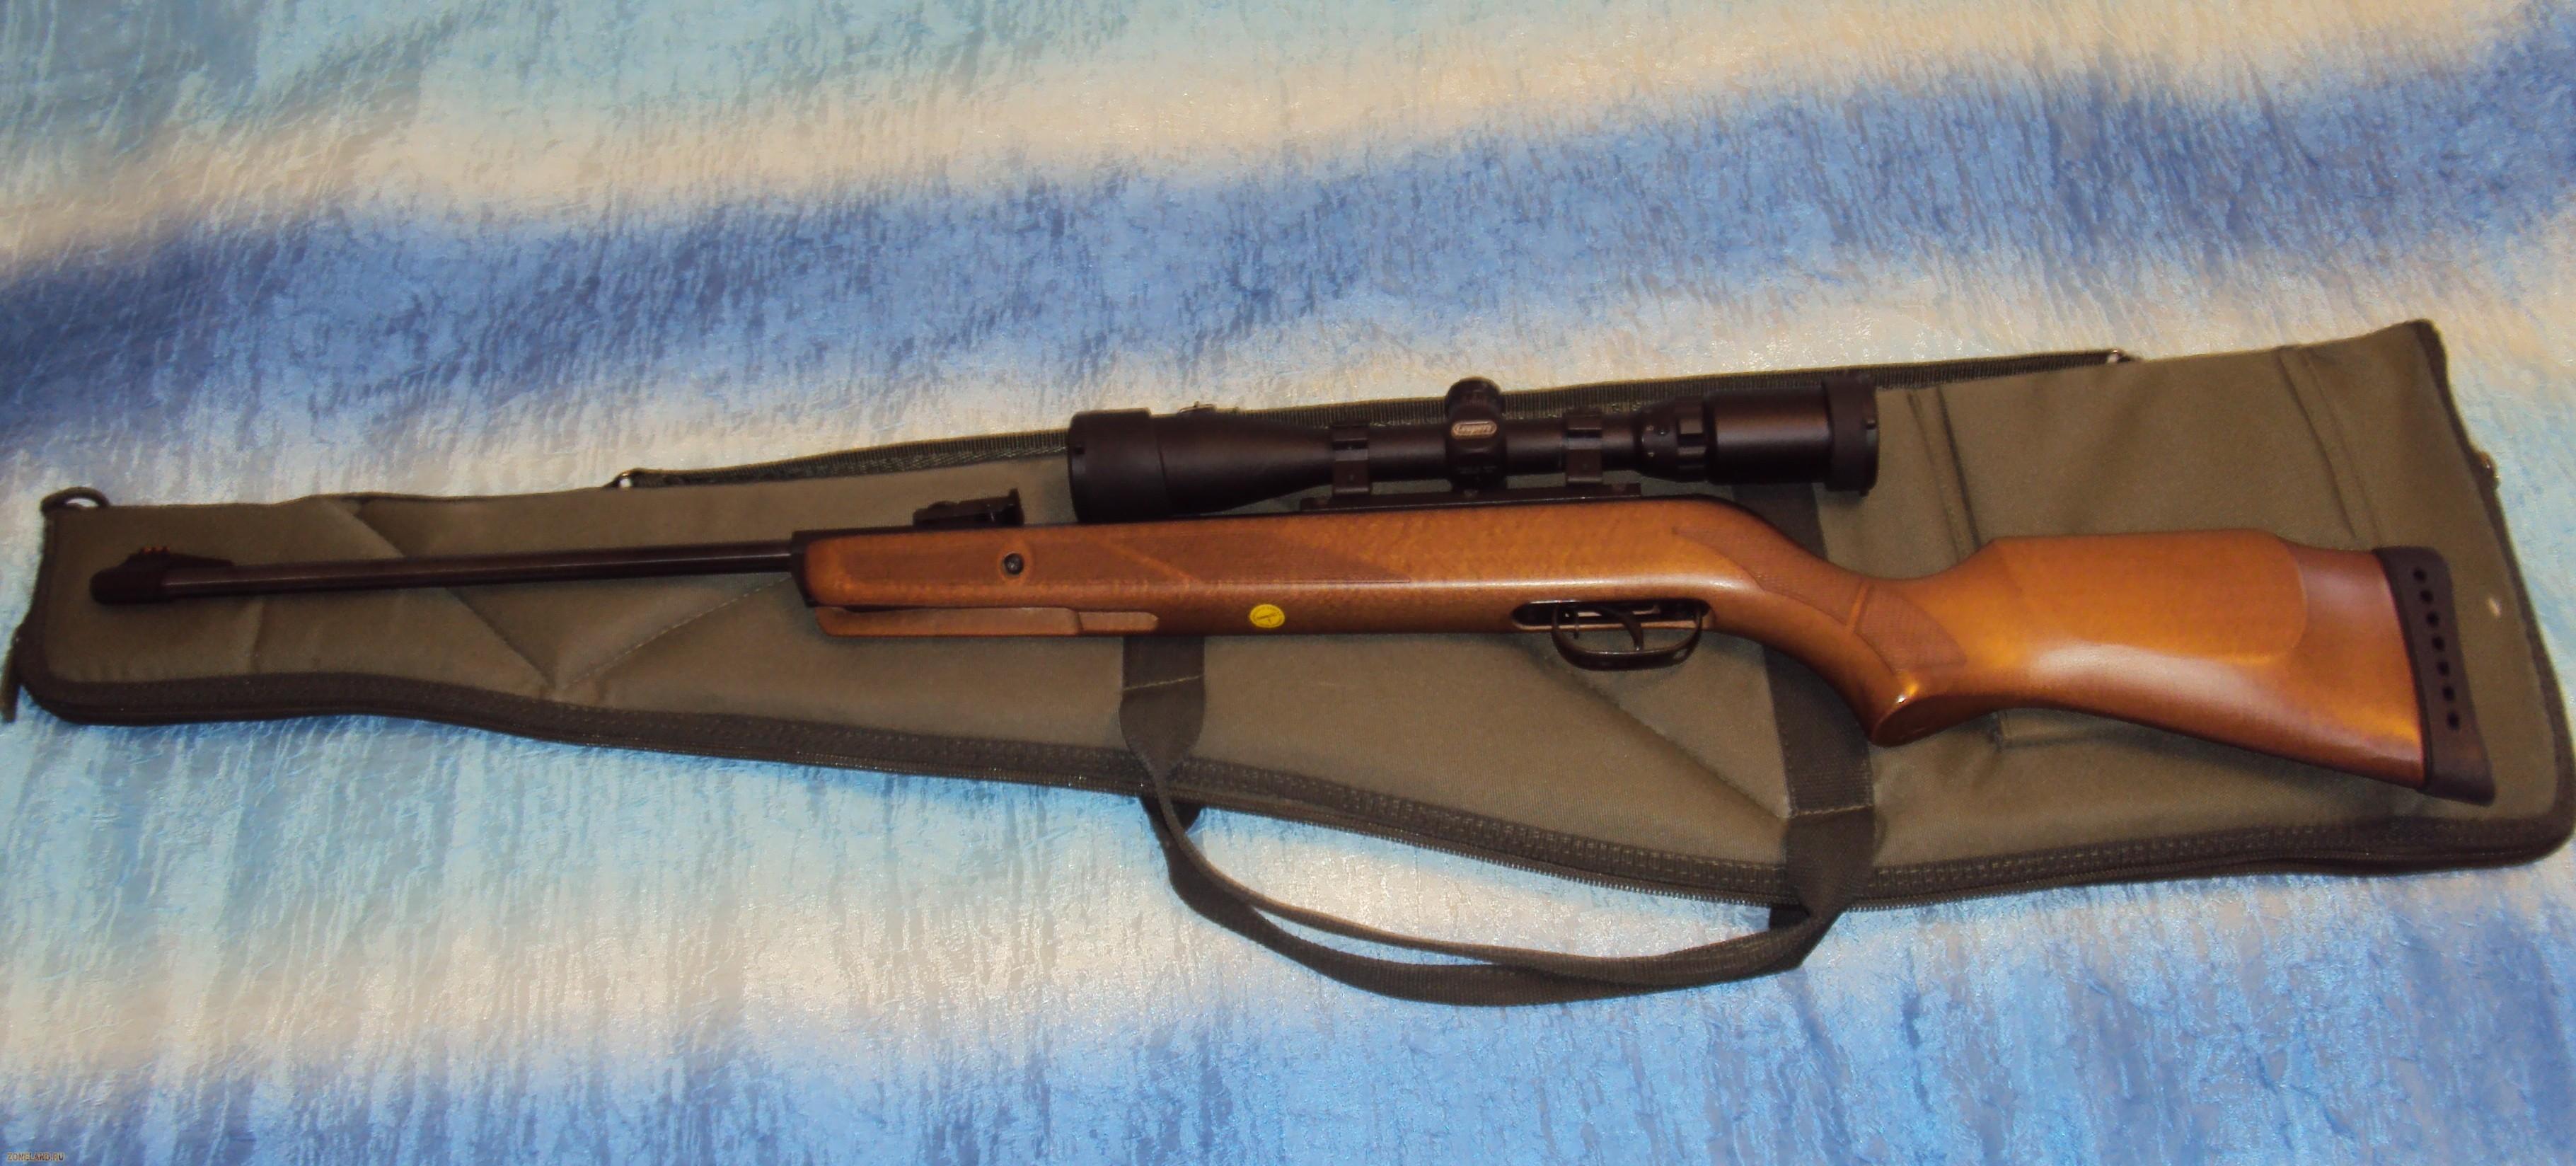 кальсоны этих пневматические винтовки в барнауле б у его можно носить